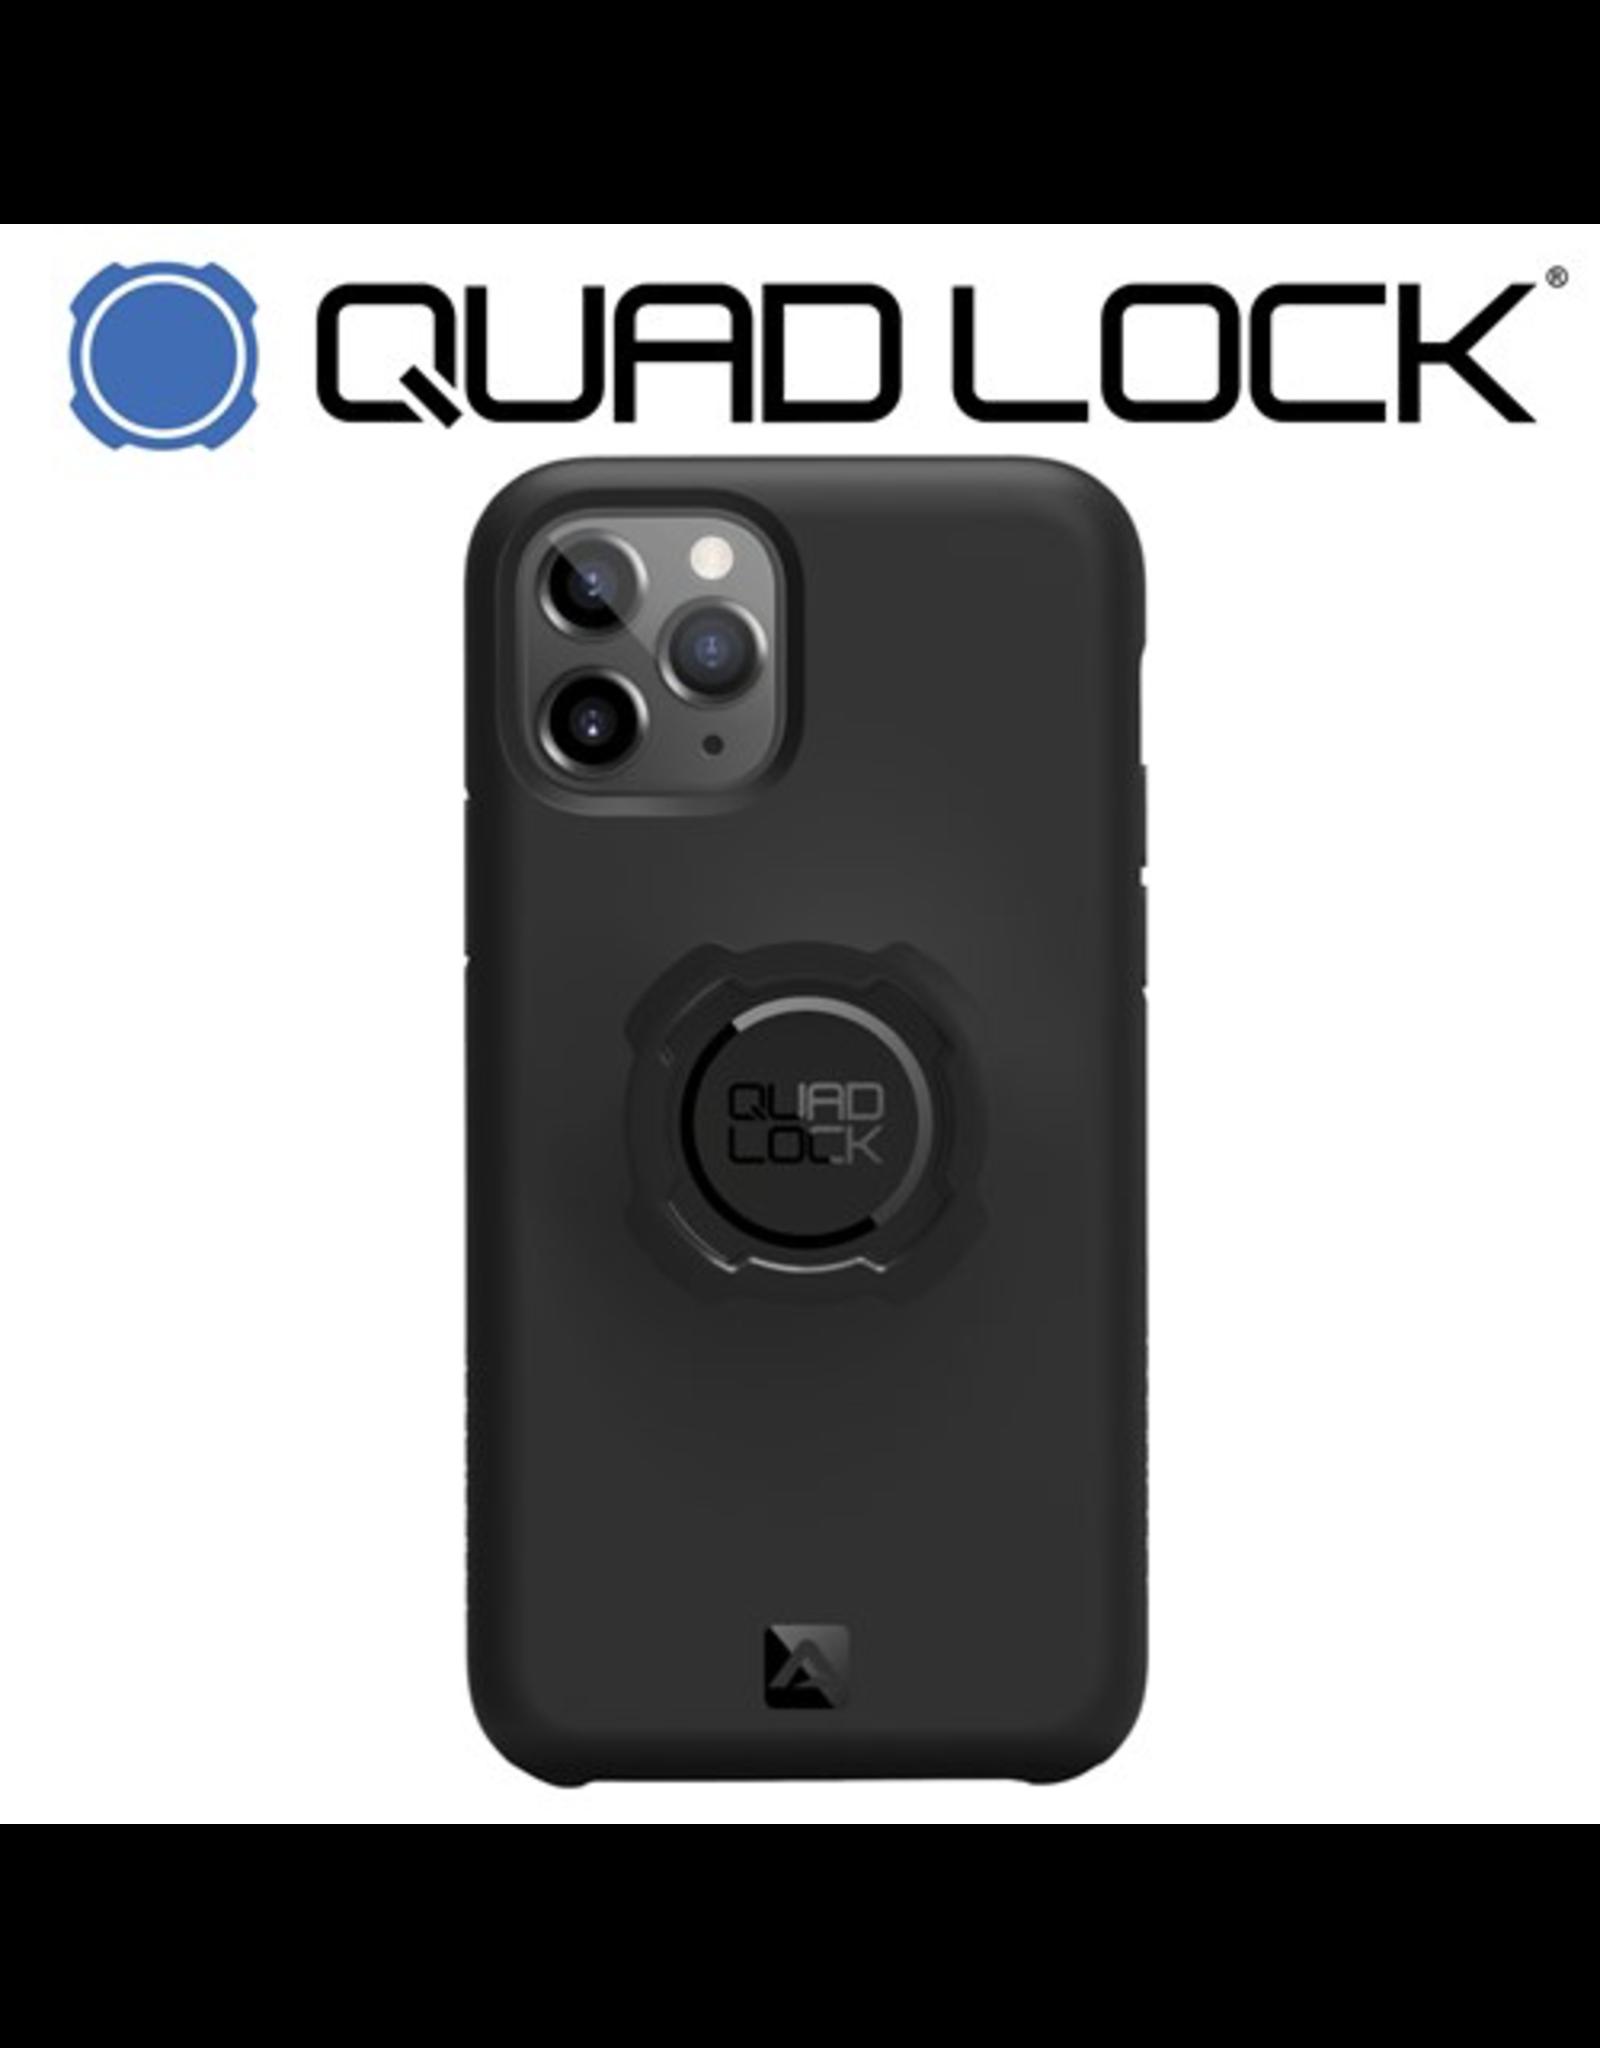 QUAD LOCK QUAD LOCK FOR iPHONE 11 PRO MAX PHONE CASE